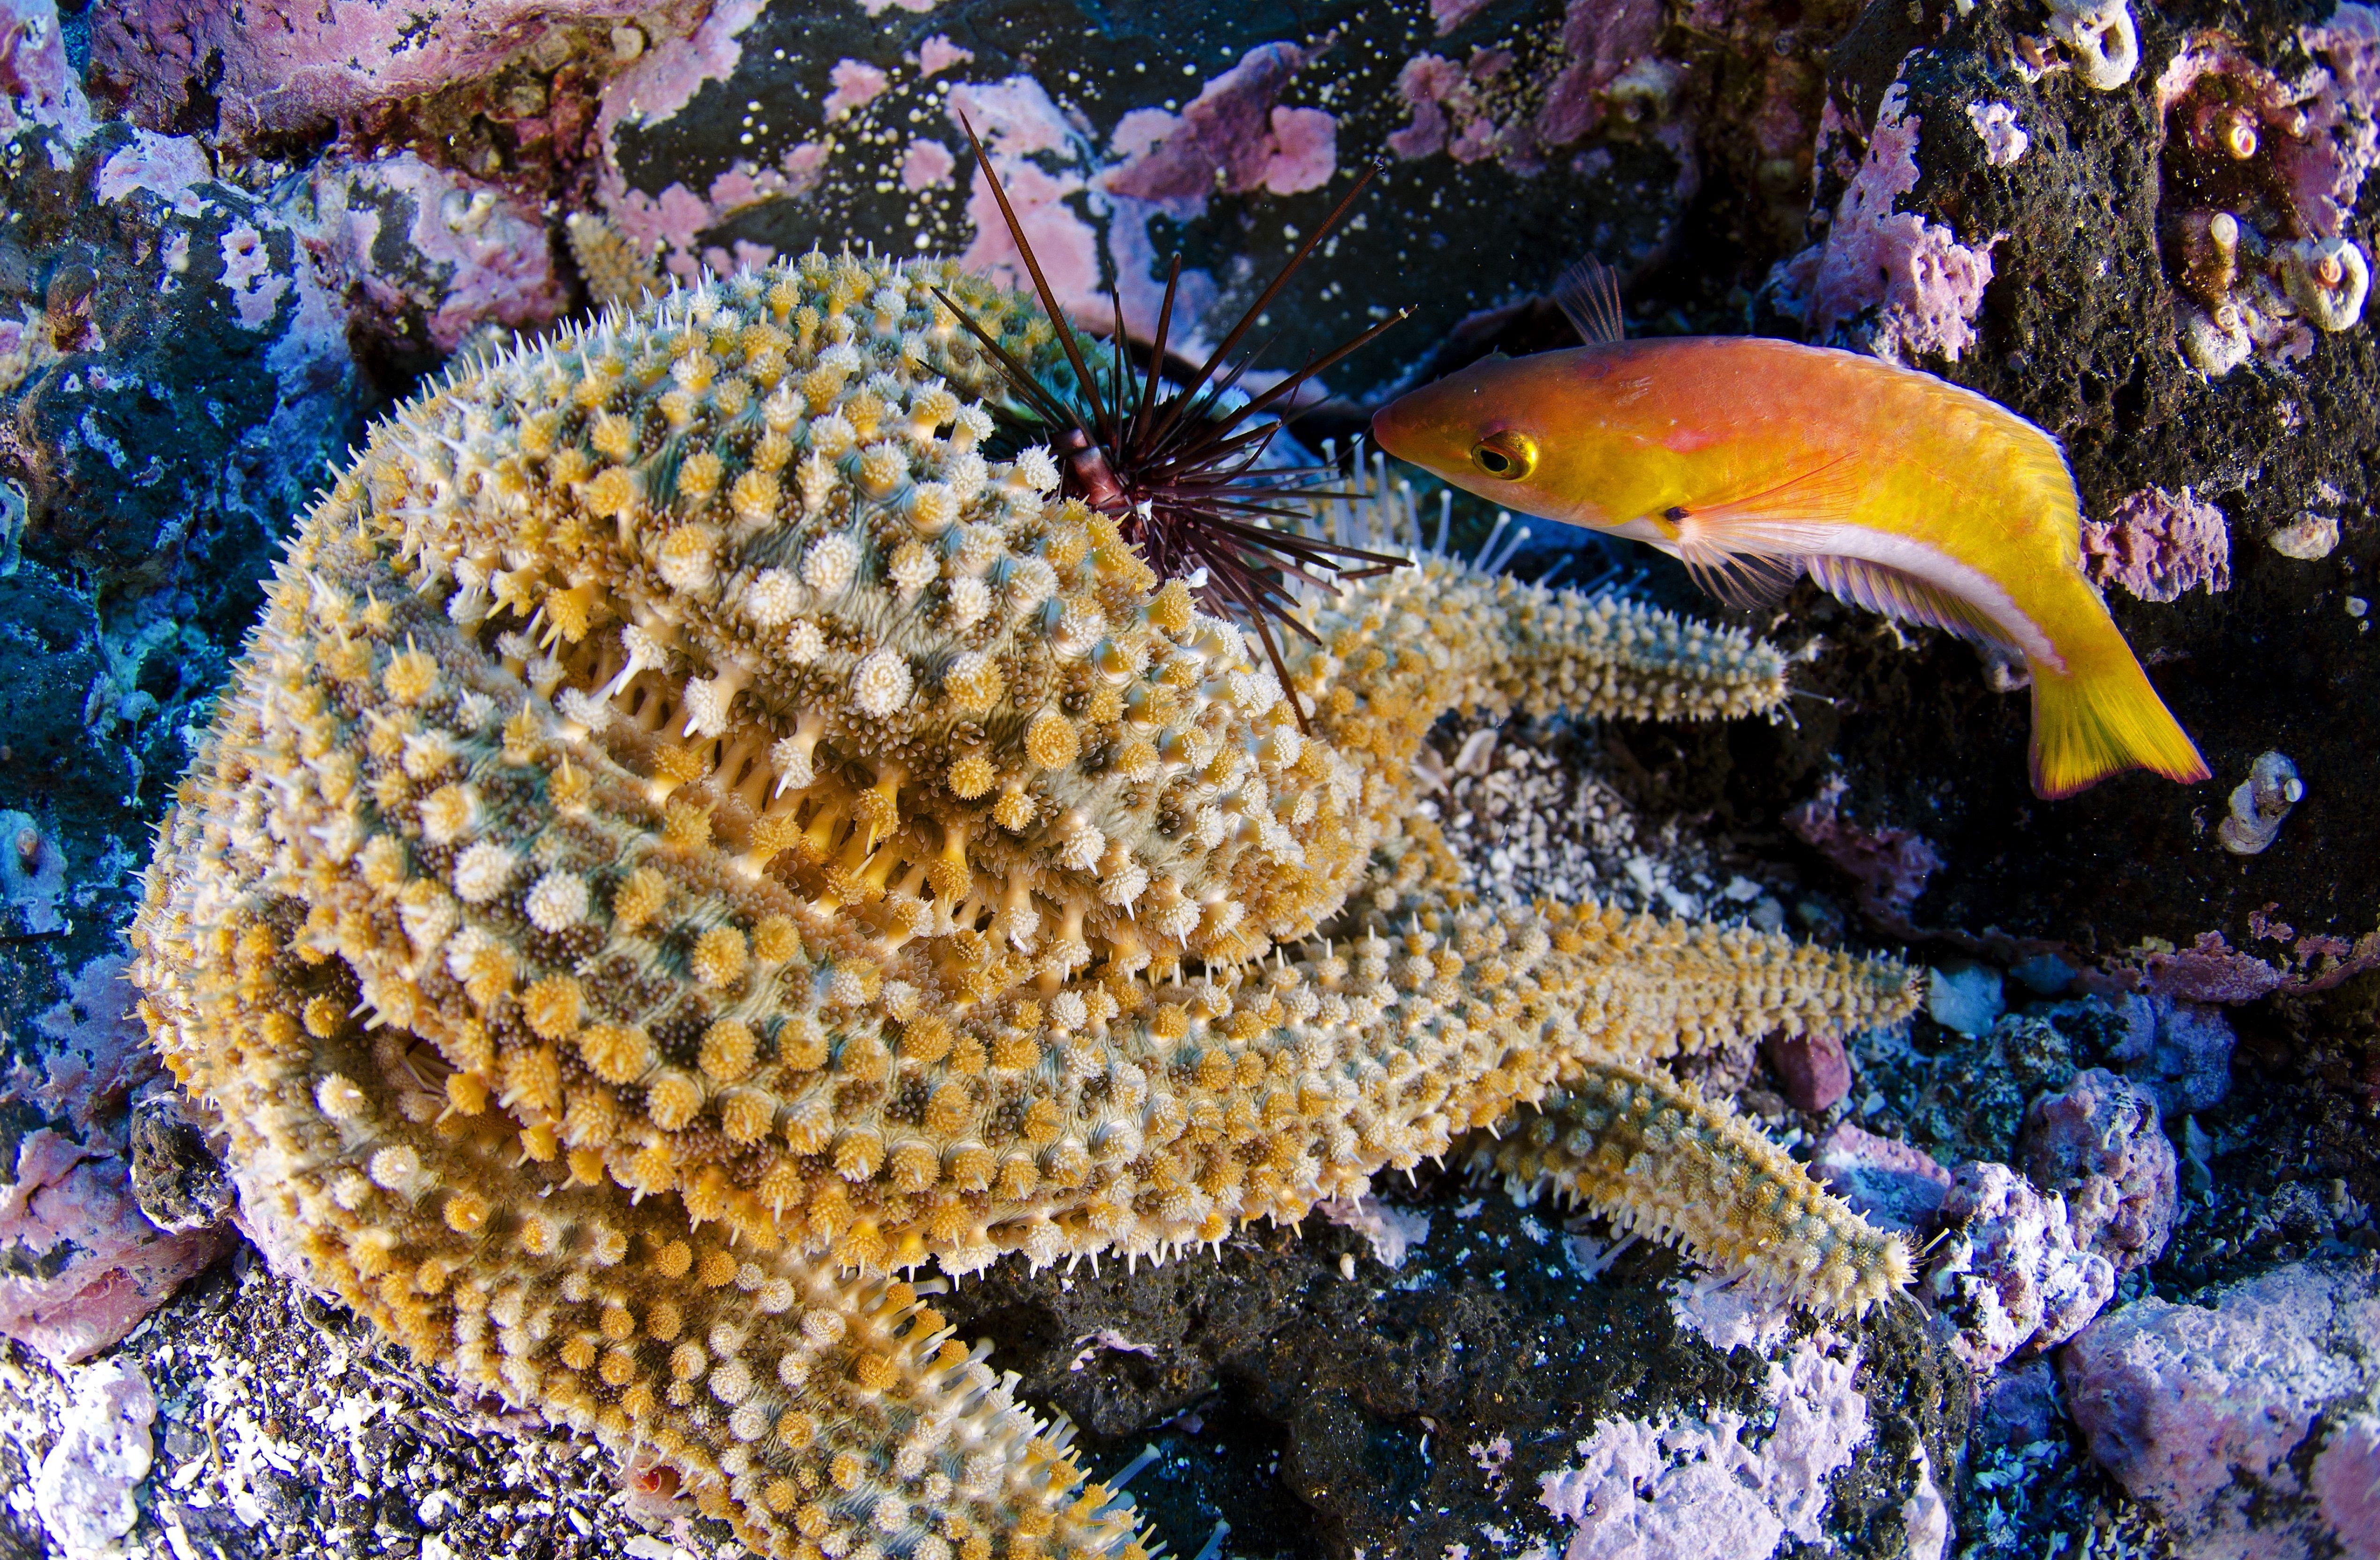 The Sea Urchins Pristine Christine